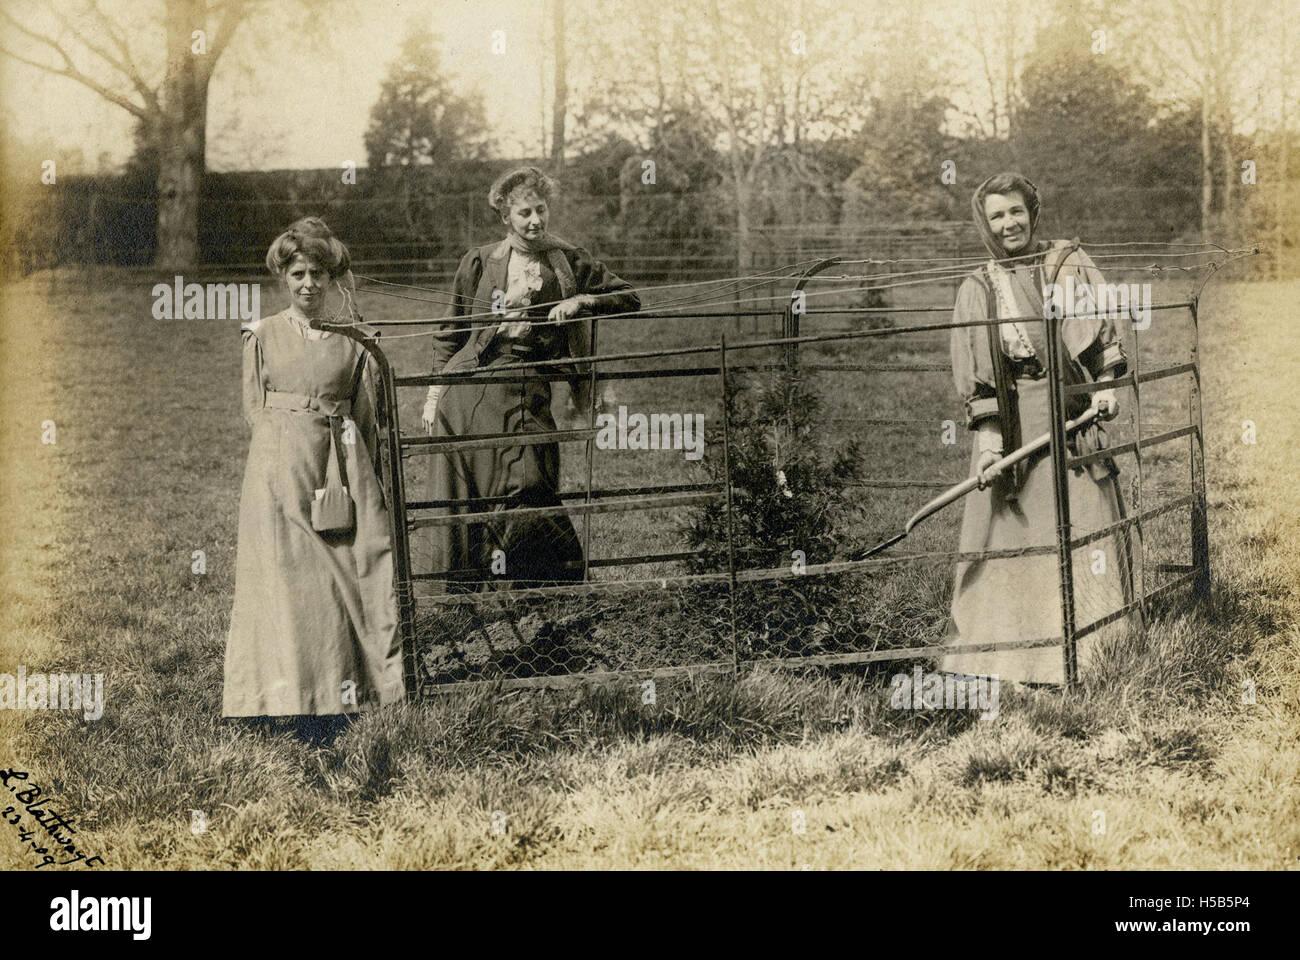 Annie Kenney, Constance Lytton et Emmeline Pethick Lawrence, 1909. Banque D'Images